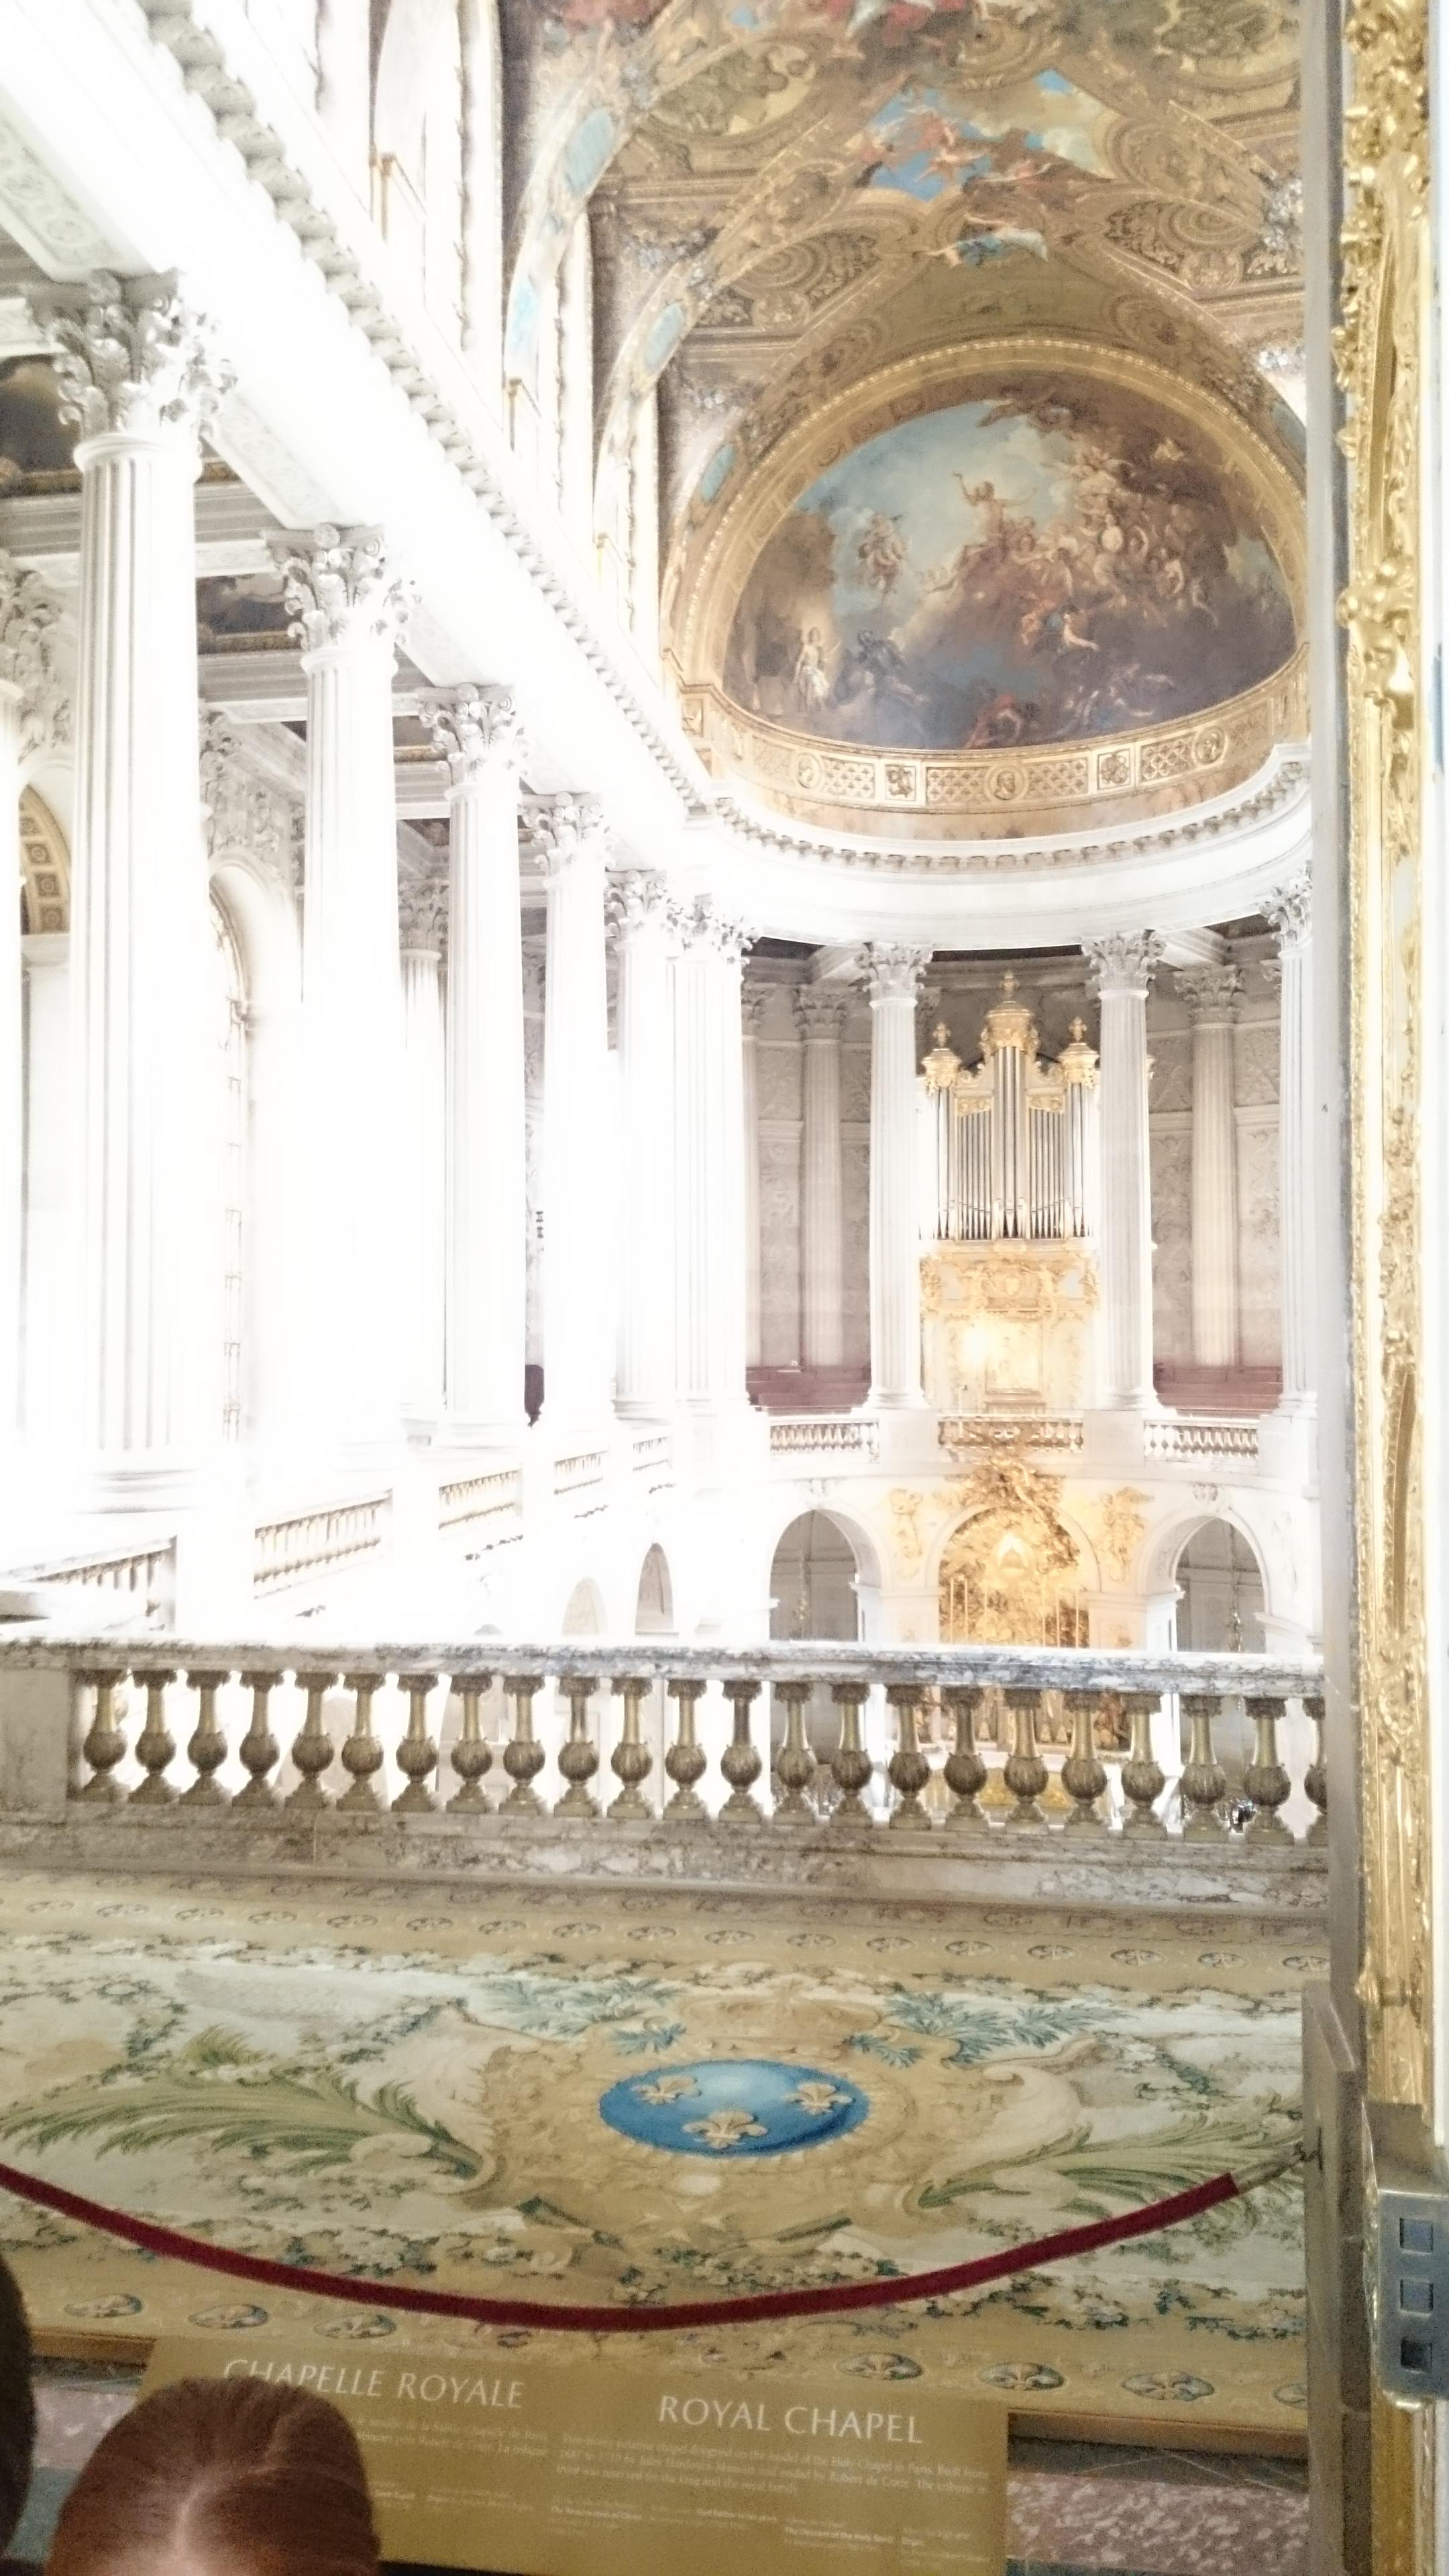 dsc 13241 - Visita al Palacio de Versalles: Como ir, cuanto cuesta y tips III/III